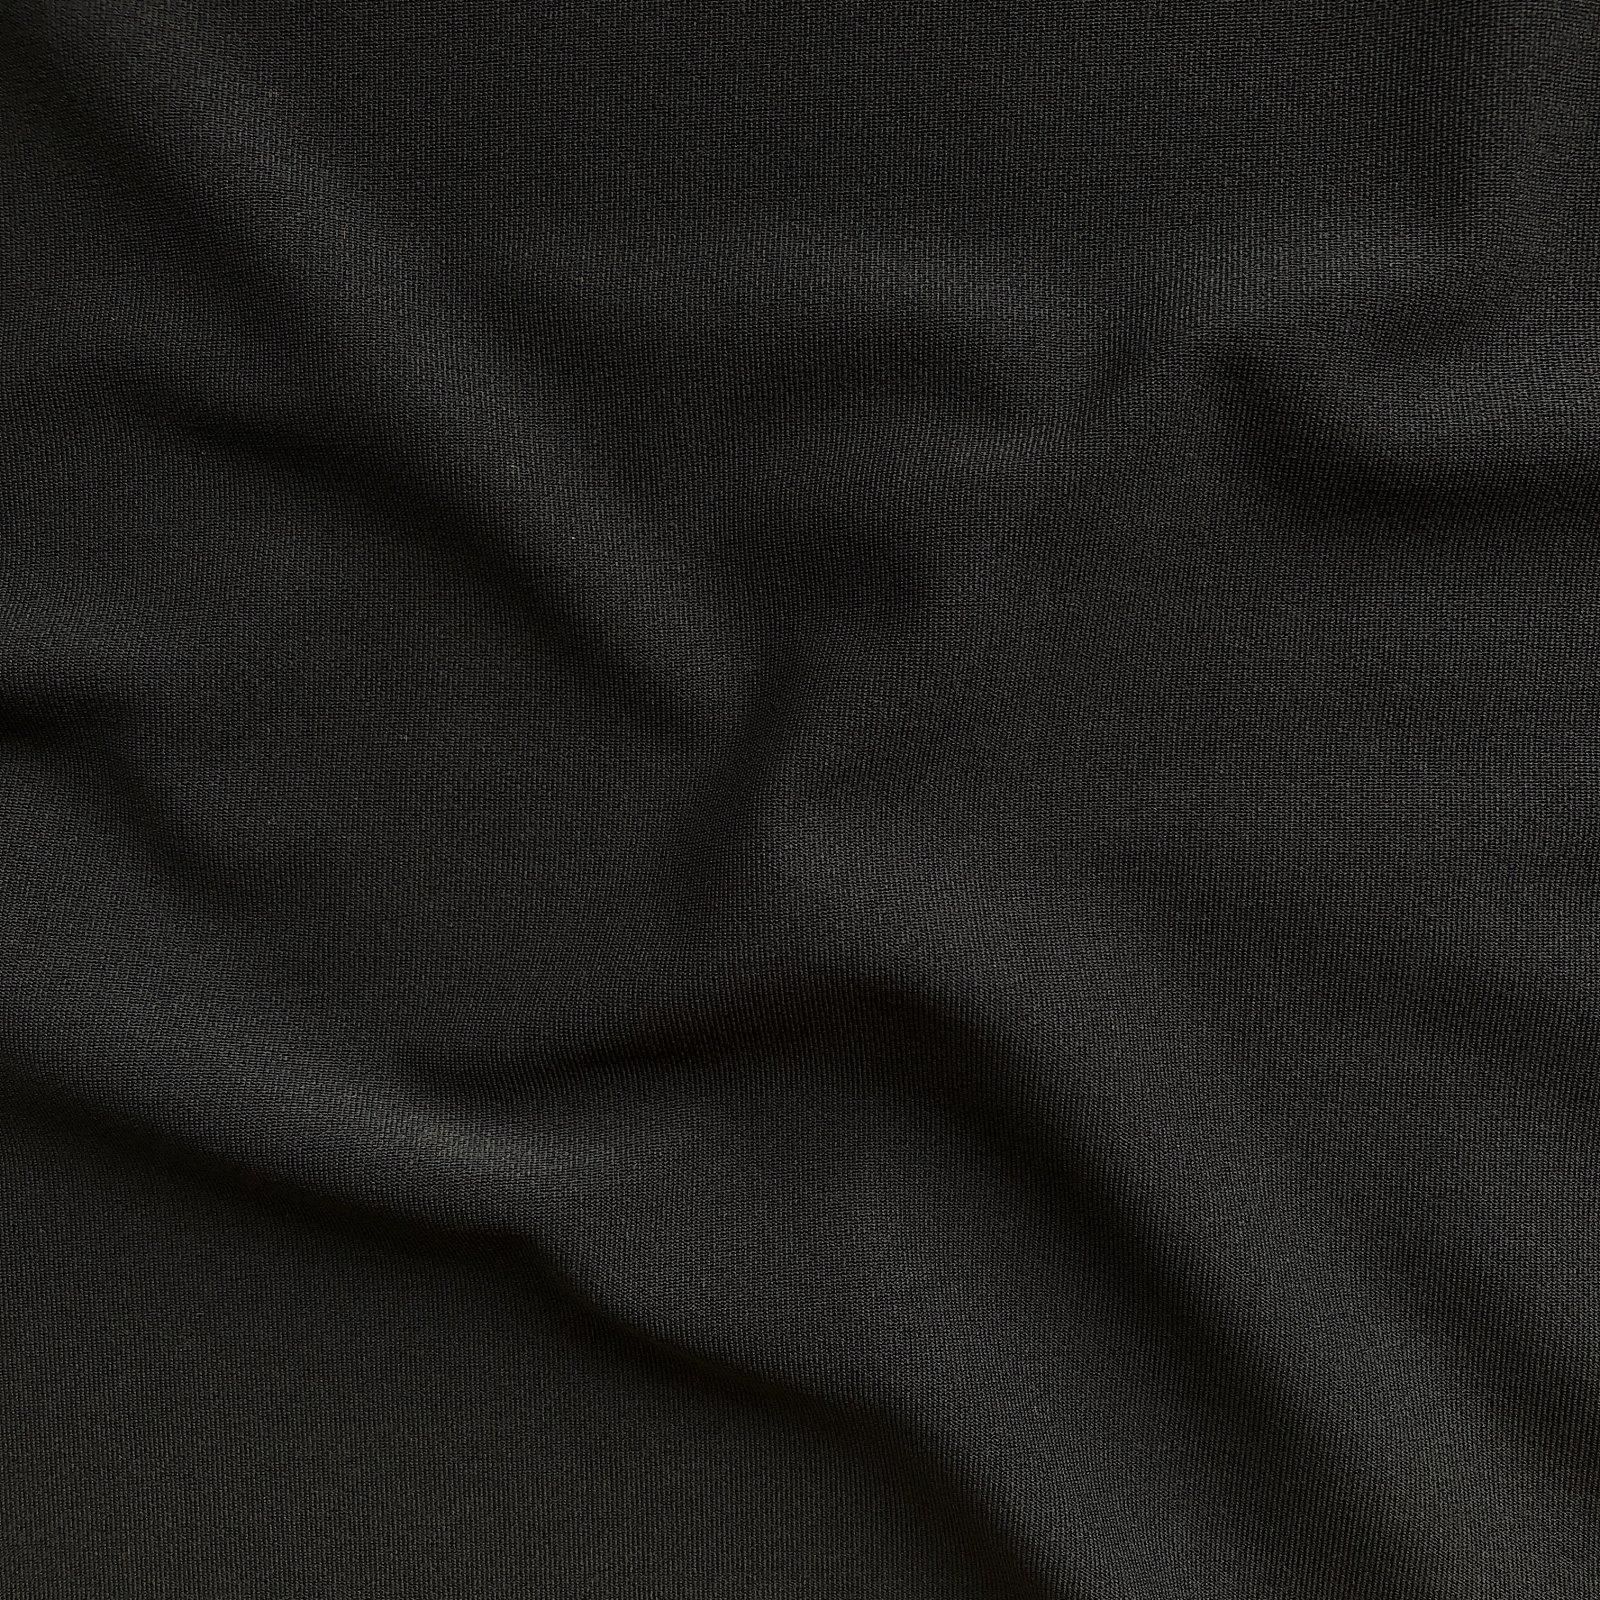 Nike Lycra Jersey - Black